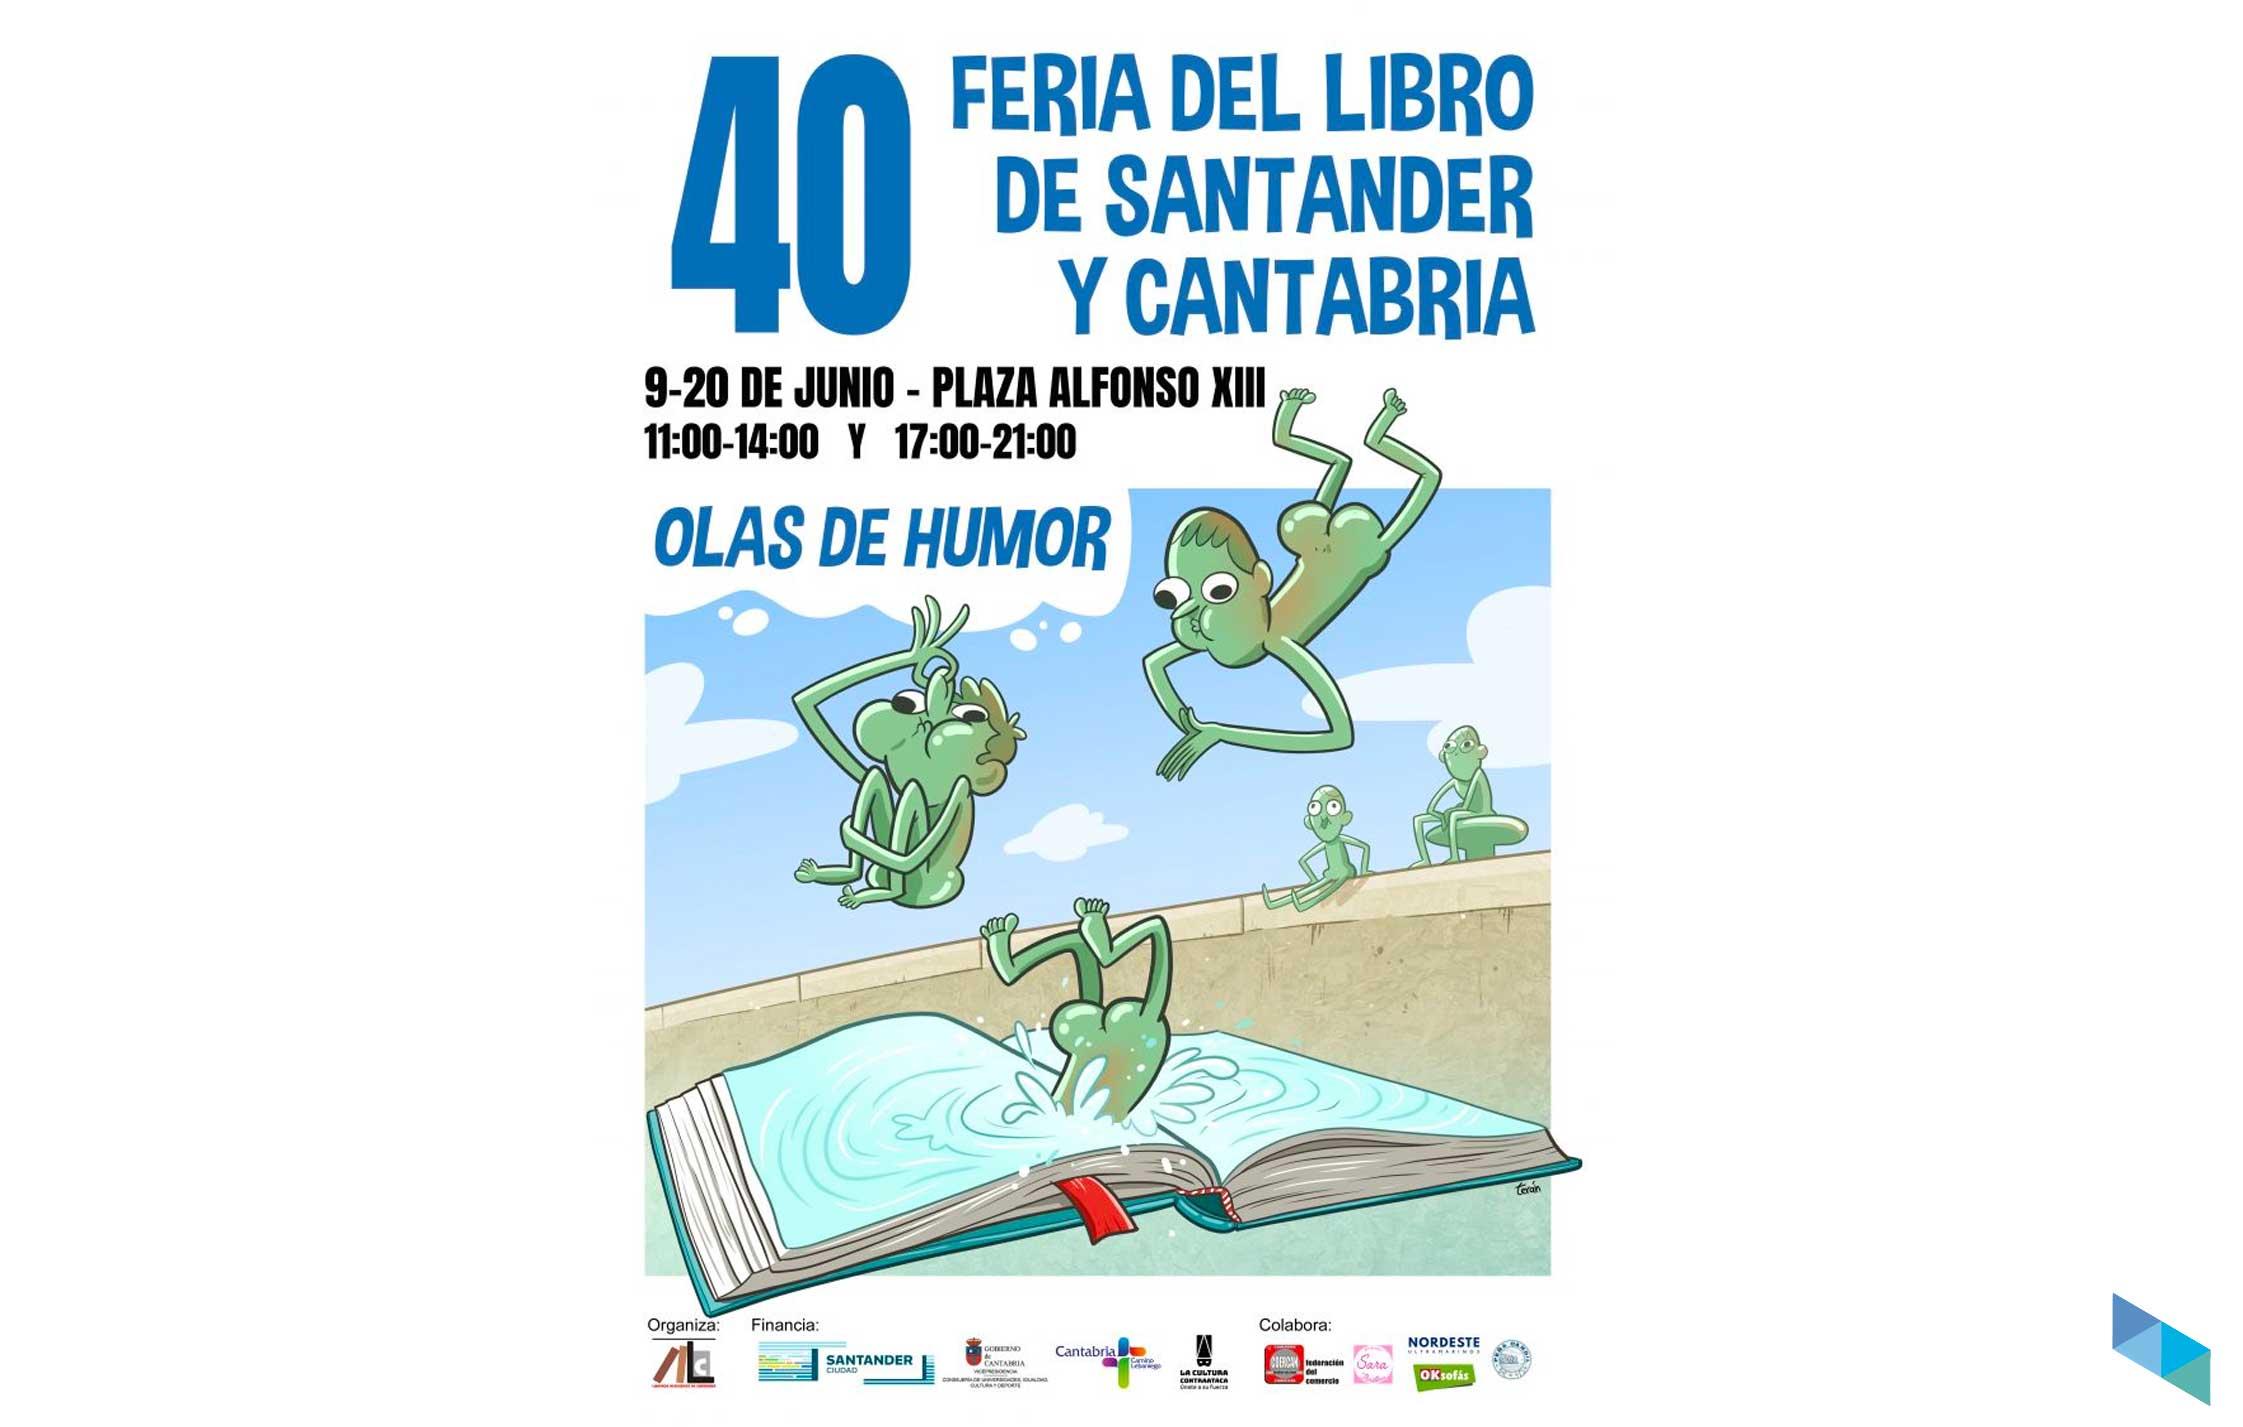 40ª Feria del Libro de Santander y Cantabria